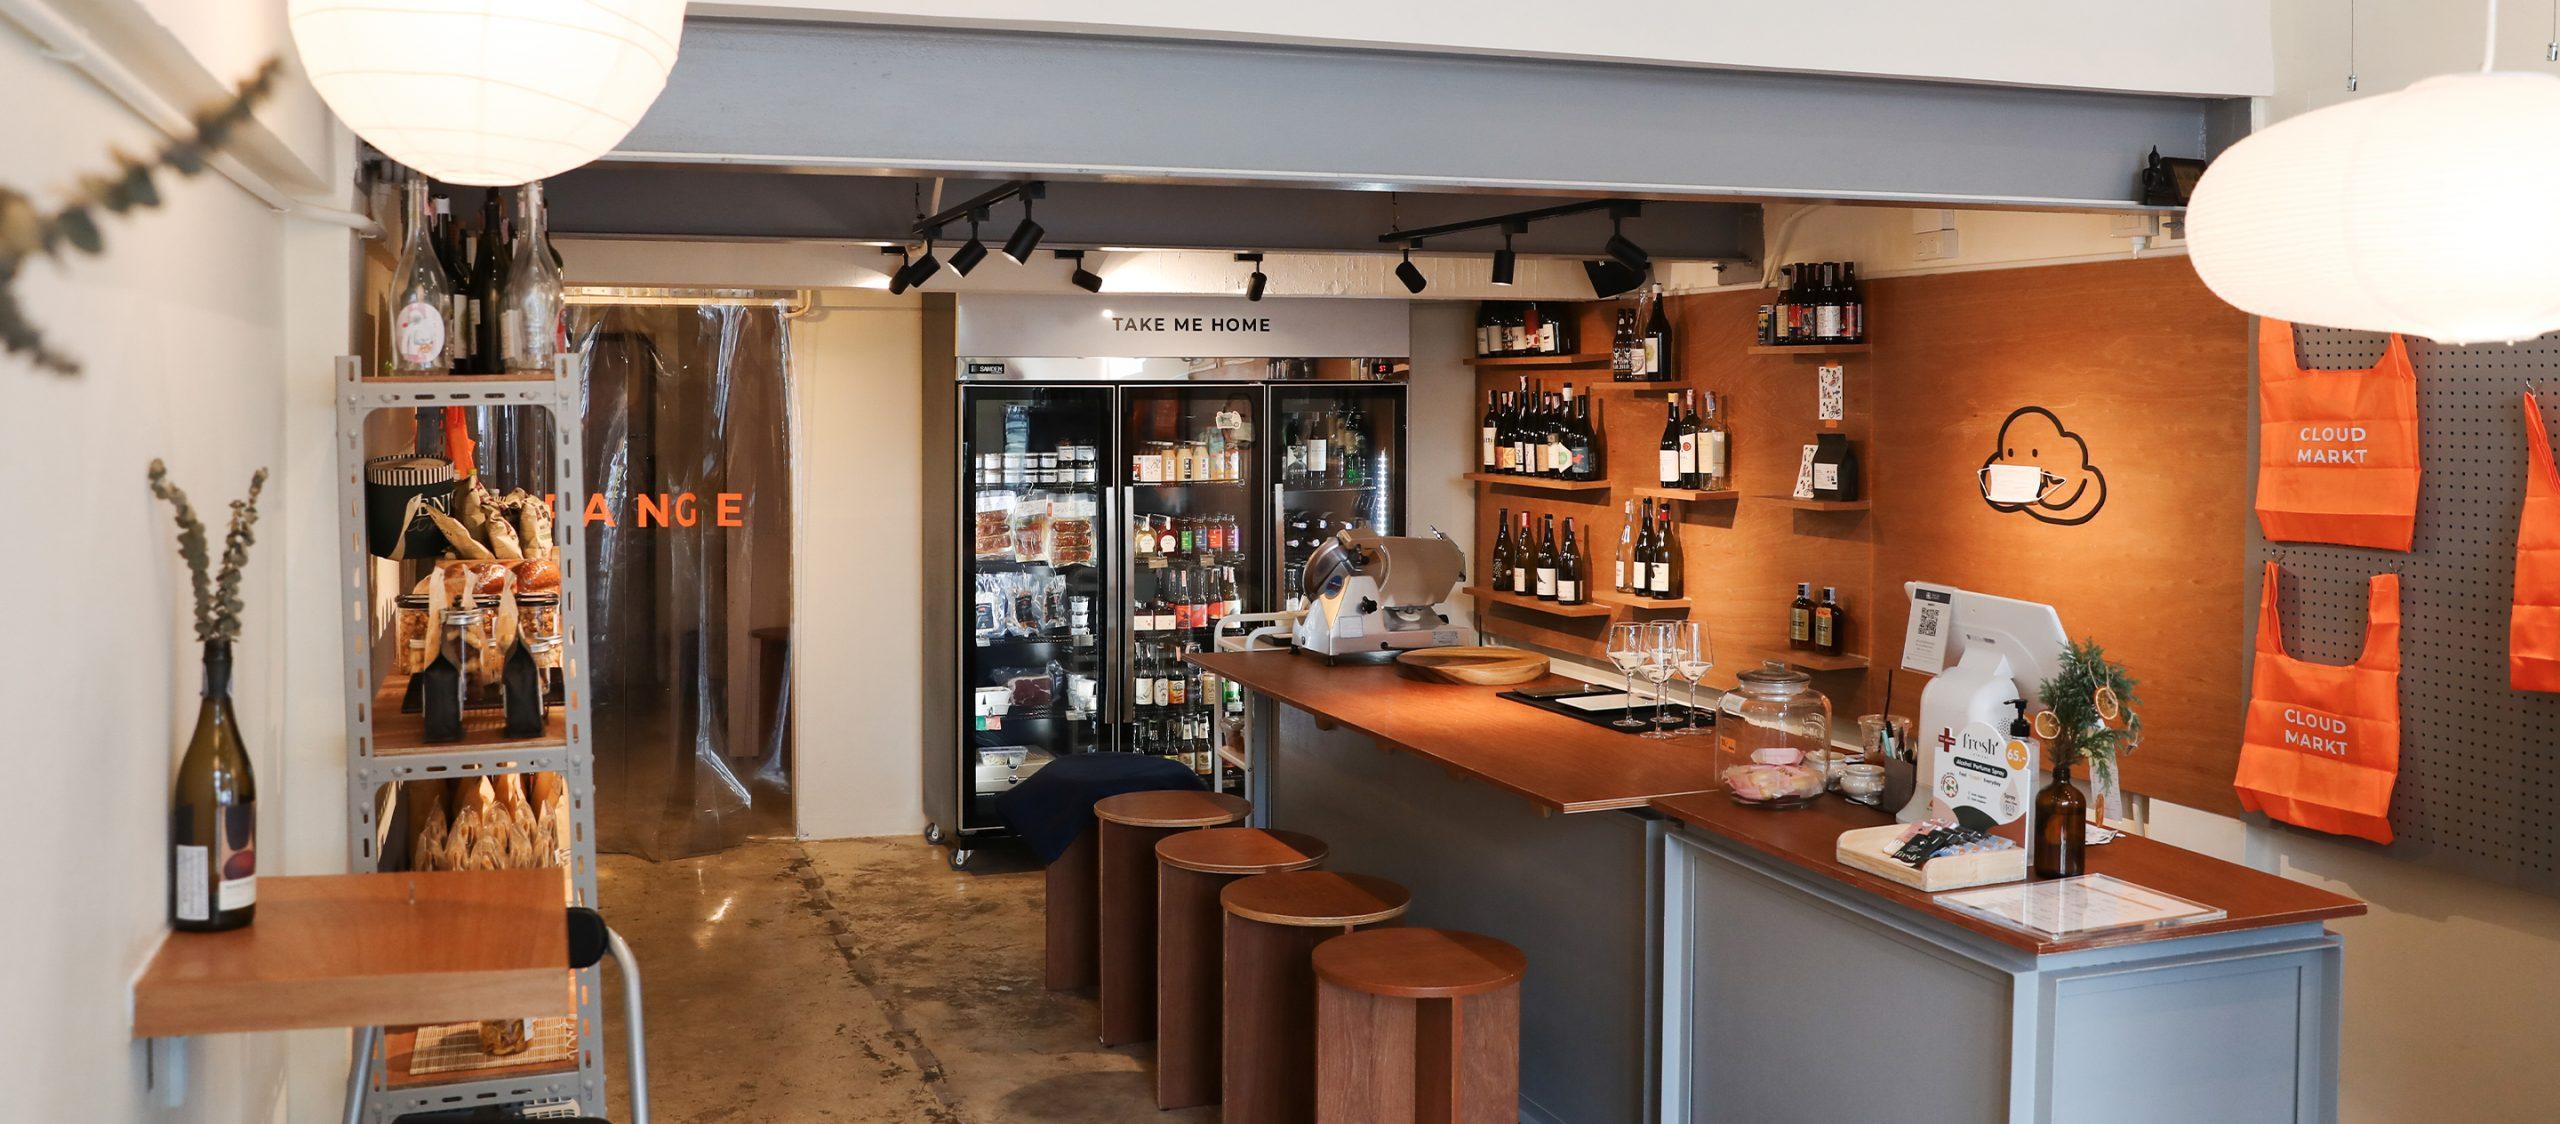 จิบไวน์คู่ของดีท้องถิ่นที่ 'Cloud Markt' ร้านชำที่รวมคราฟต์ฟู้ดจากทั่วฟ้าเมืองไทย